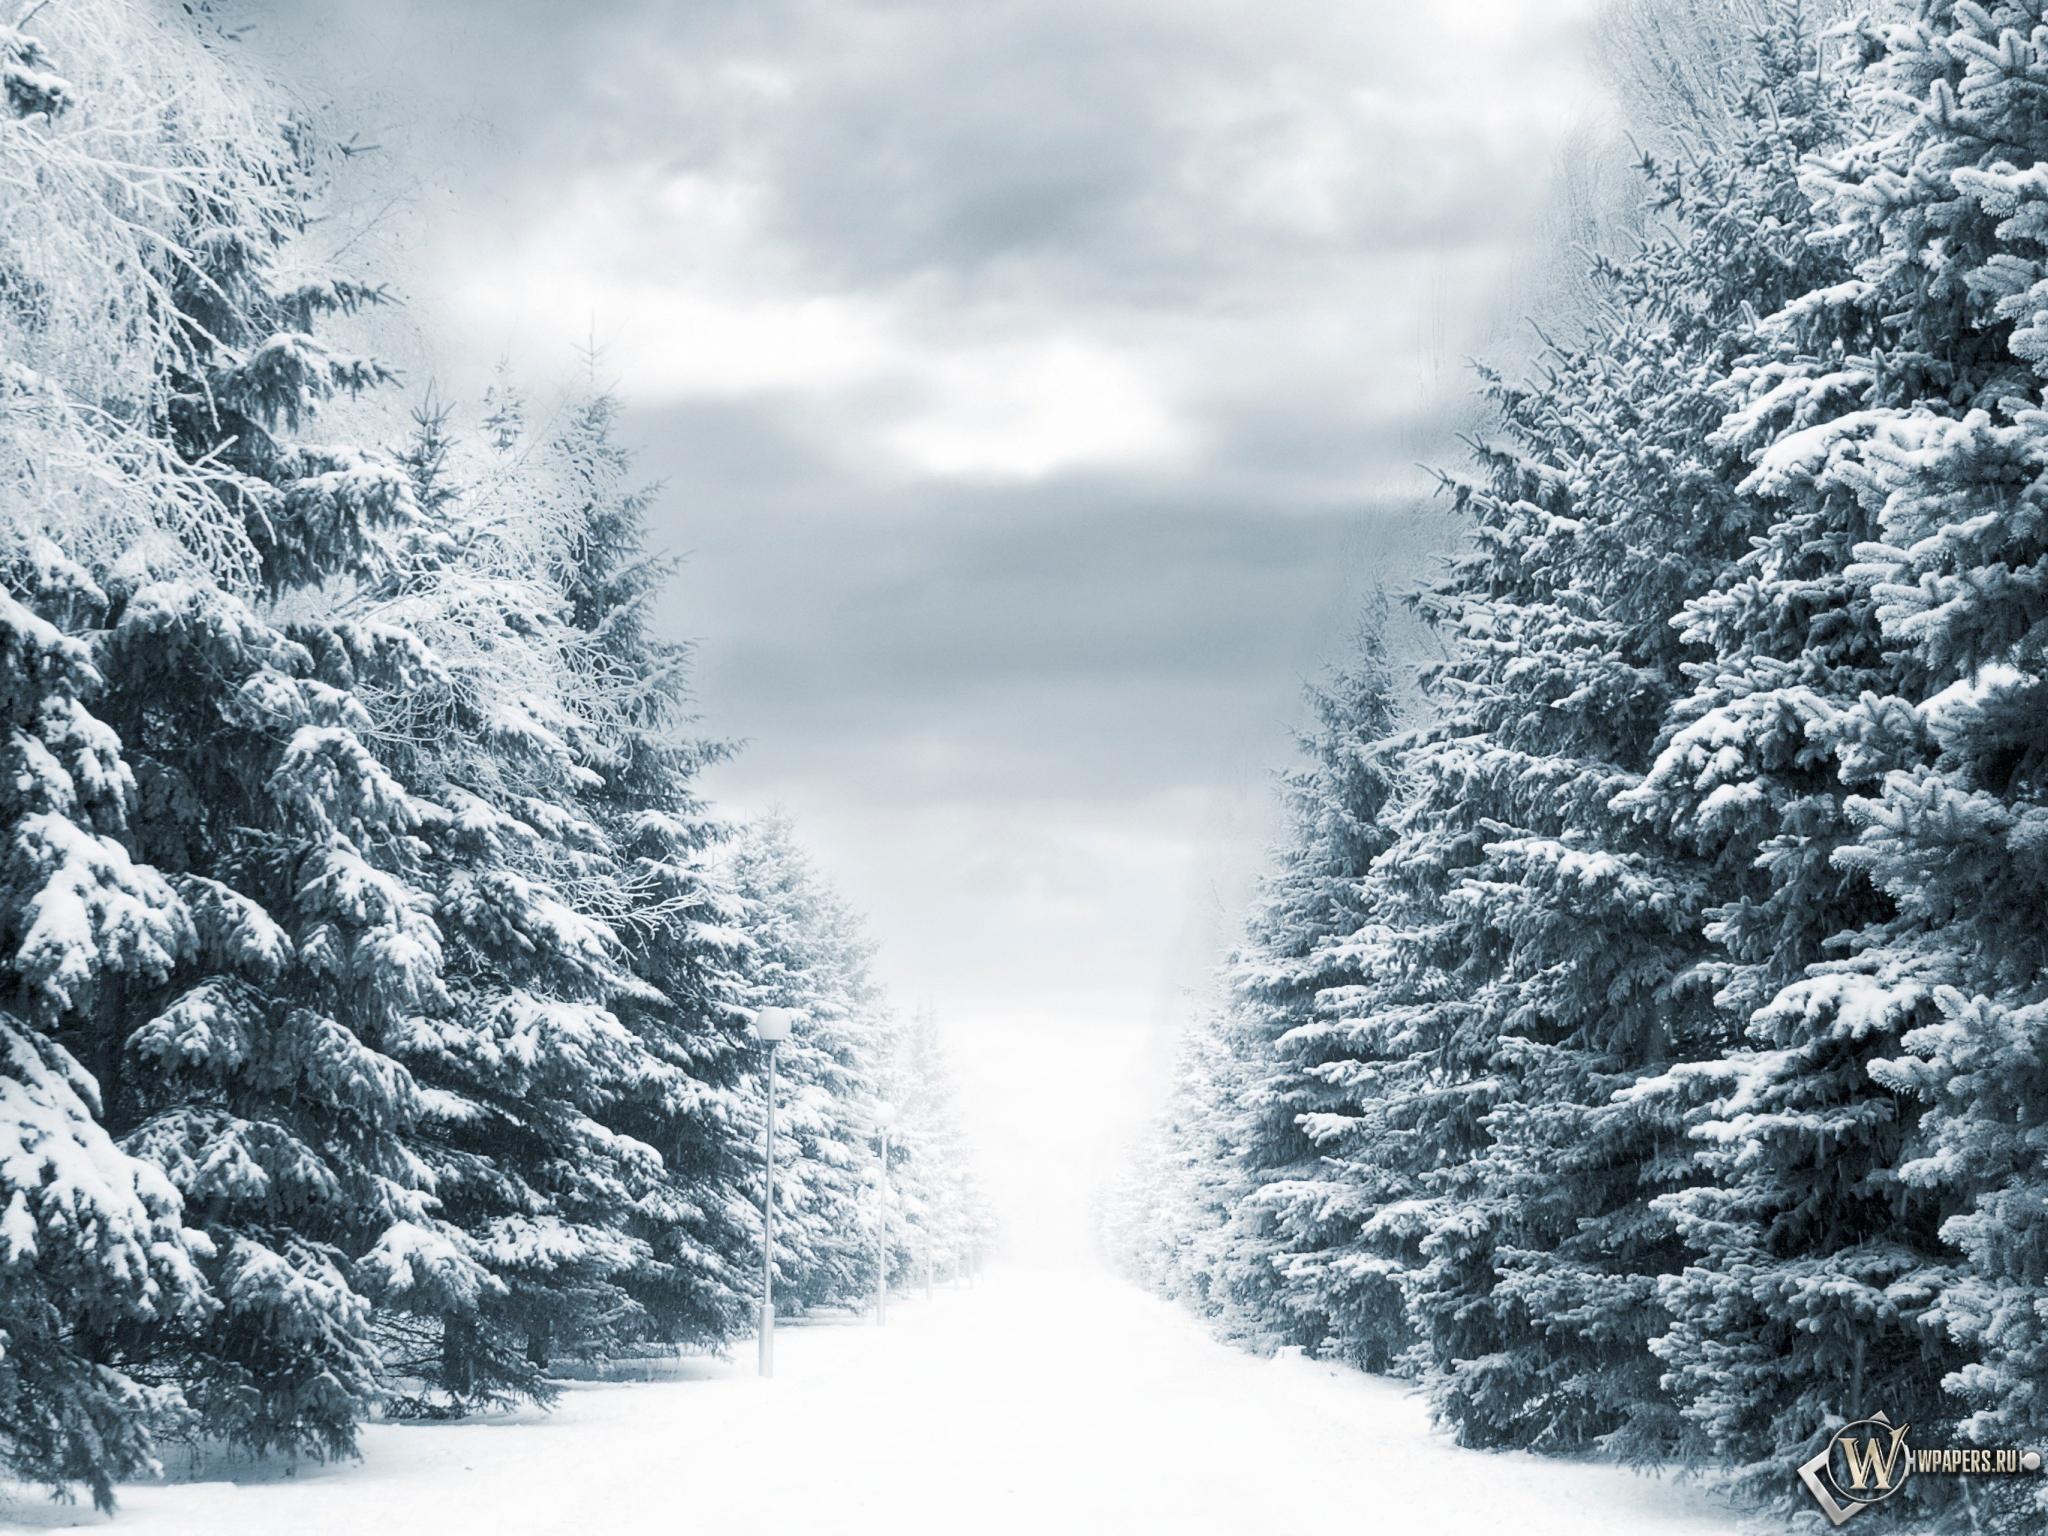 Зимняя аллея 2048x1536